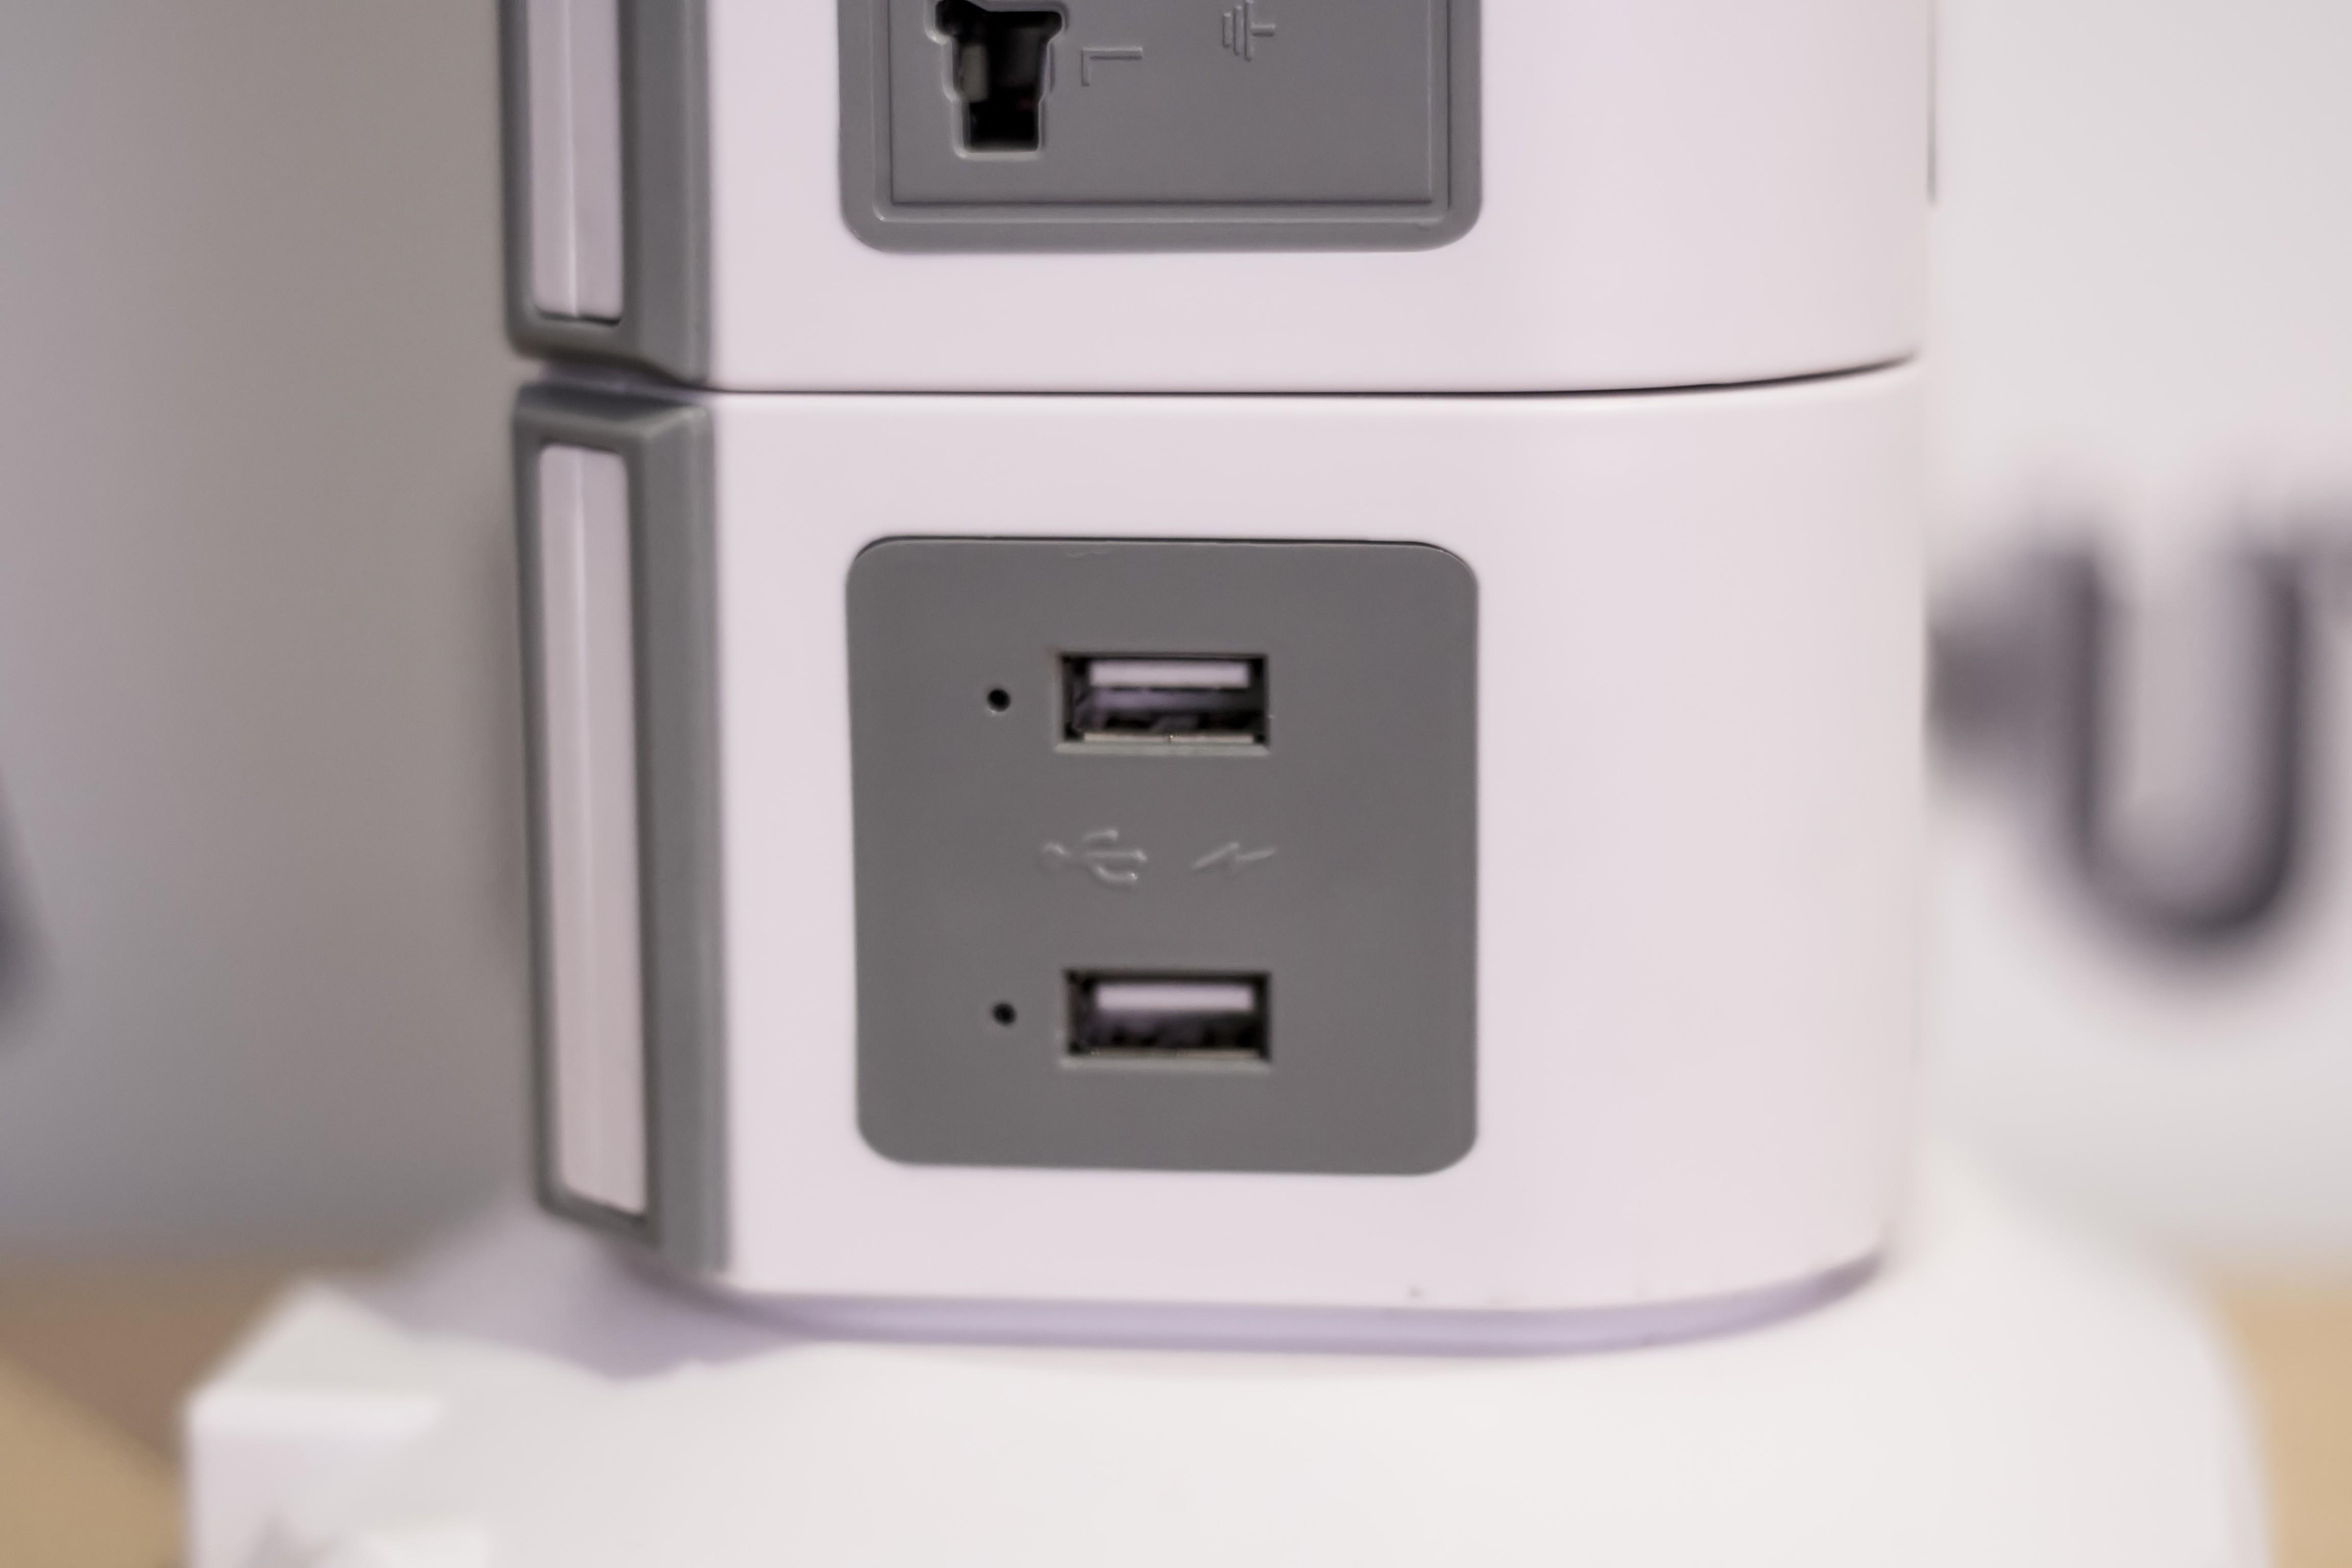 Priza verticala securizata 19 porturi universale + 2 USB3